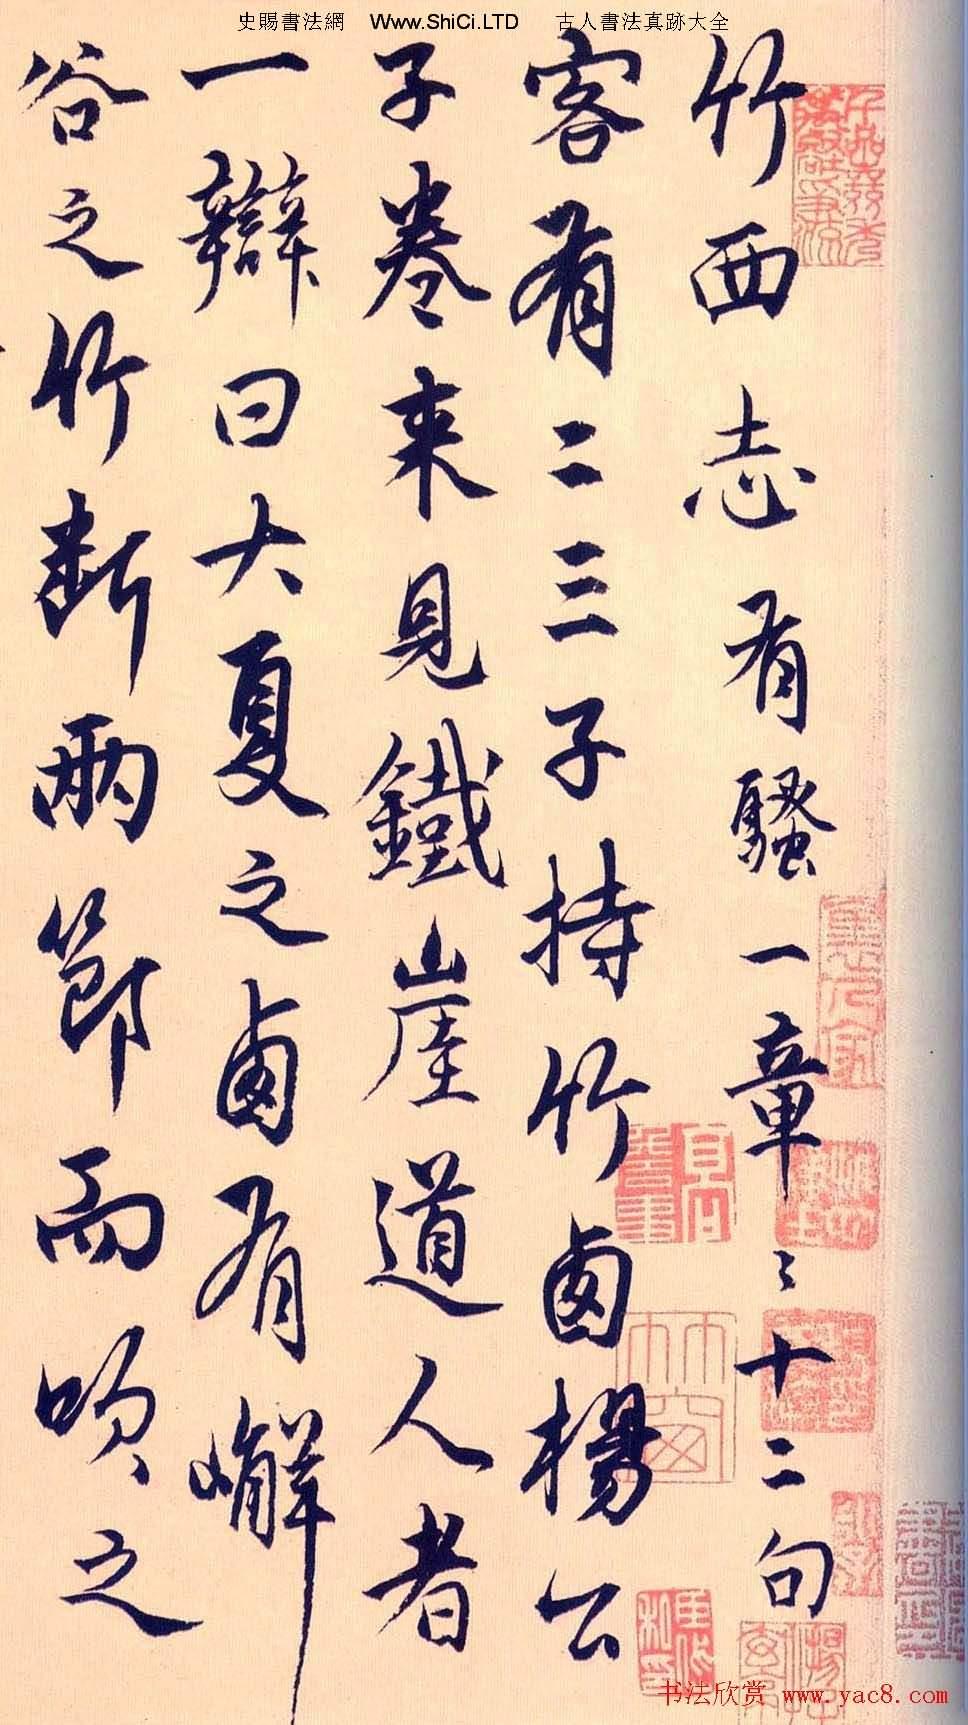 楊維楨行書作品真跡《竹西志》(共5張圖片)